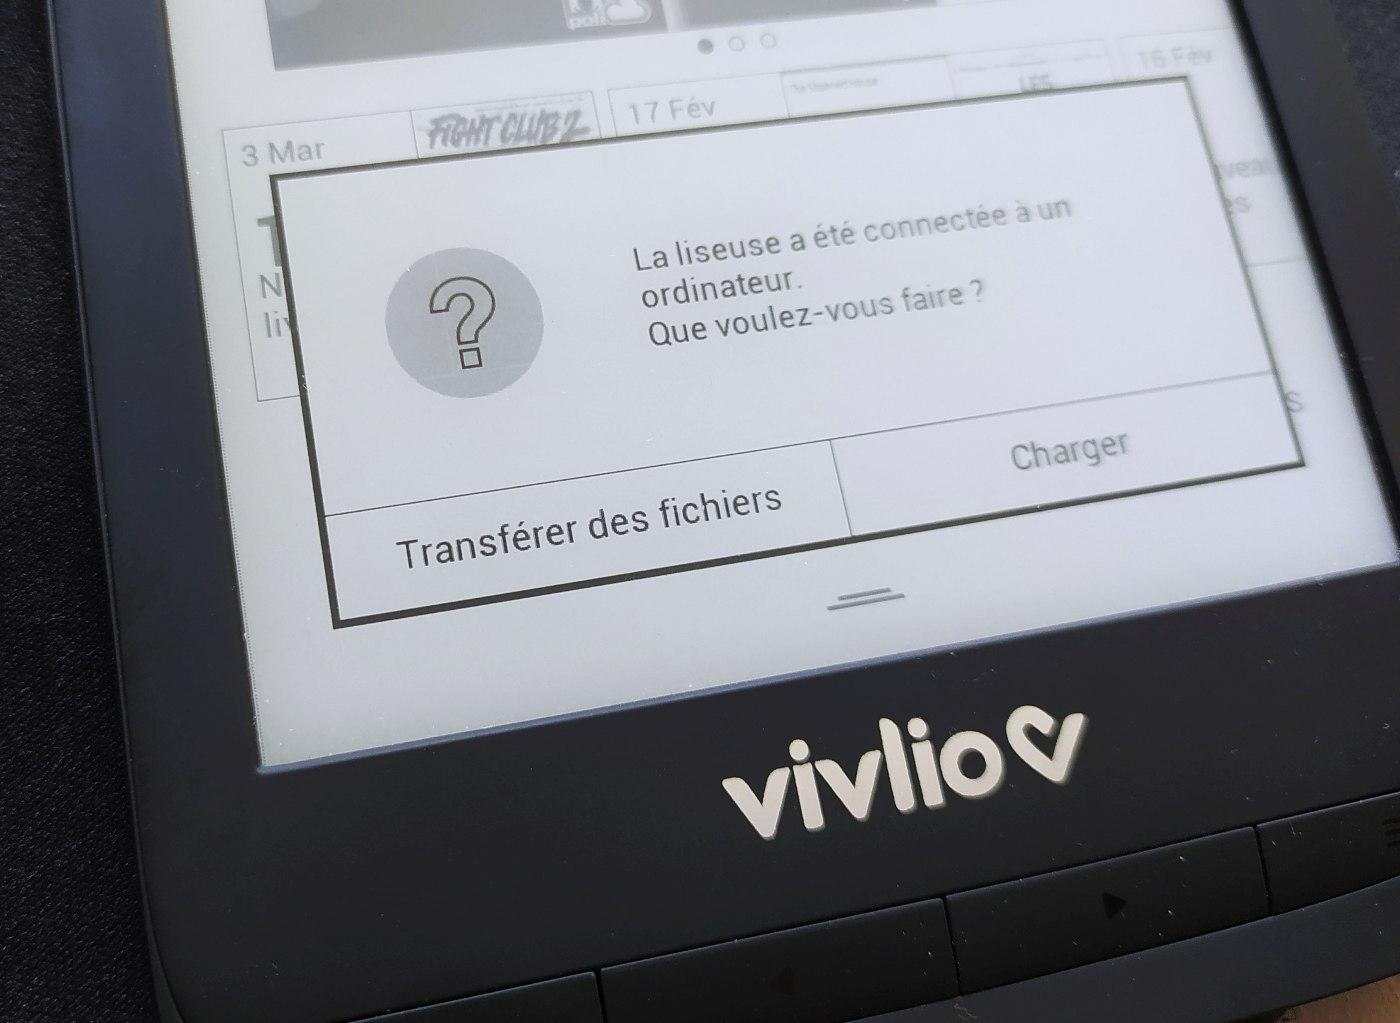 transfert des fichiers sur liseuse vivlio